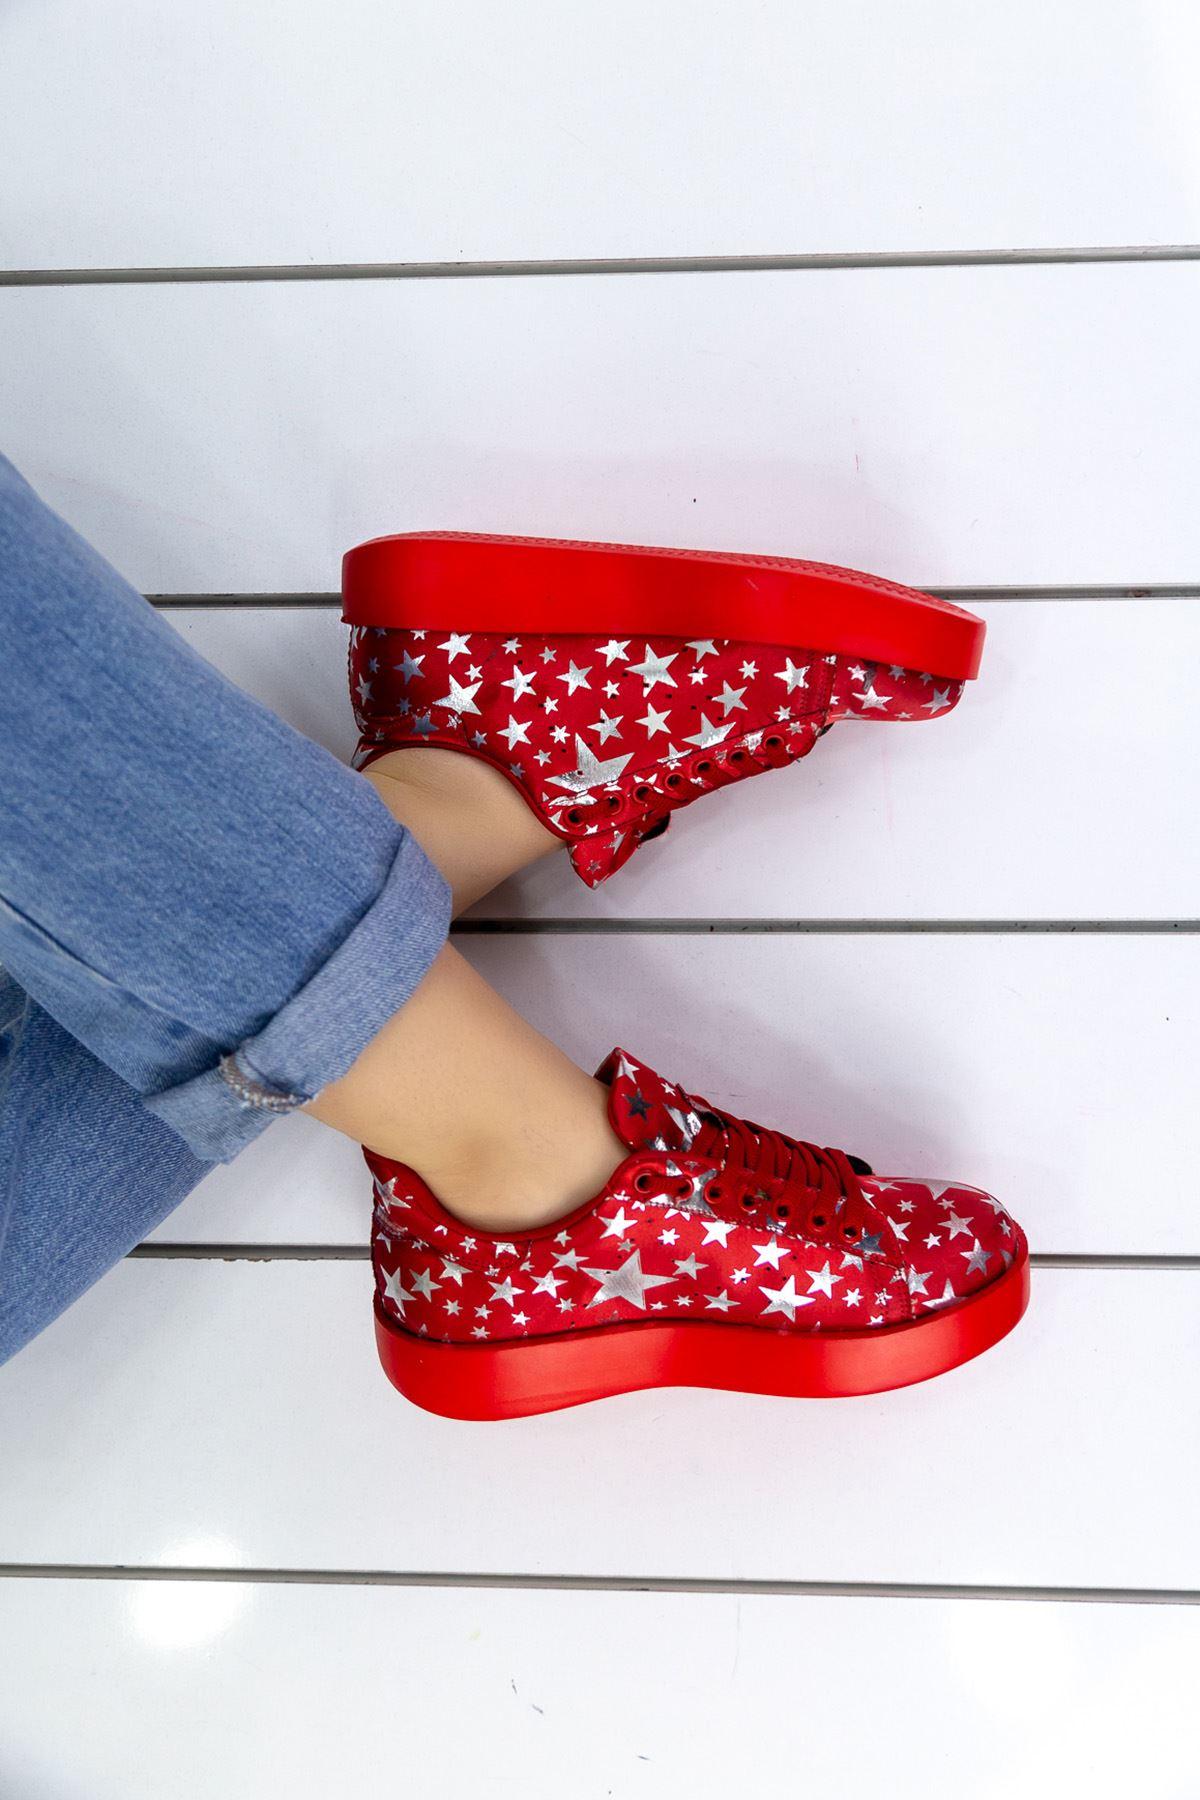 Luis Kırmızı Yıldız Desenli Ortapedik Bayan Spor Ayakkabı